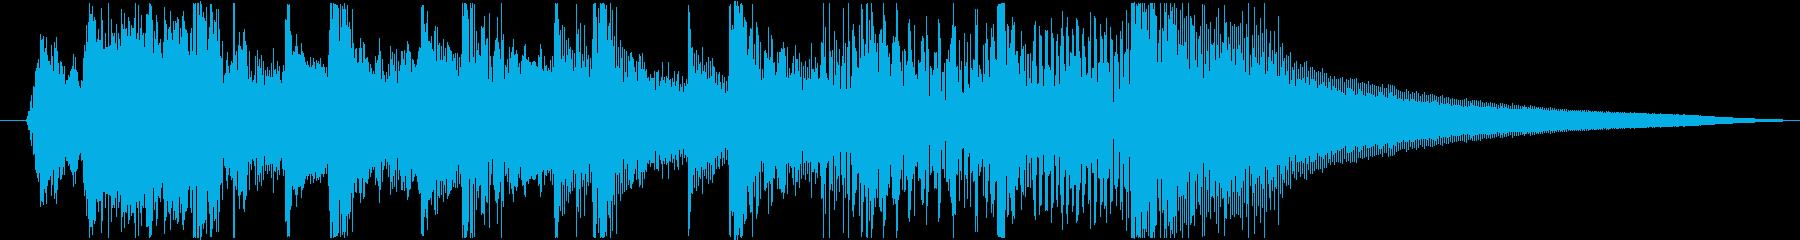 和太鼓と三味線の軽快な和風ジングルの再生済みの波形